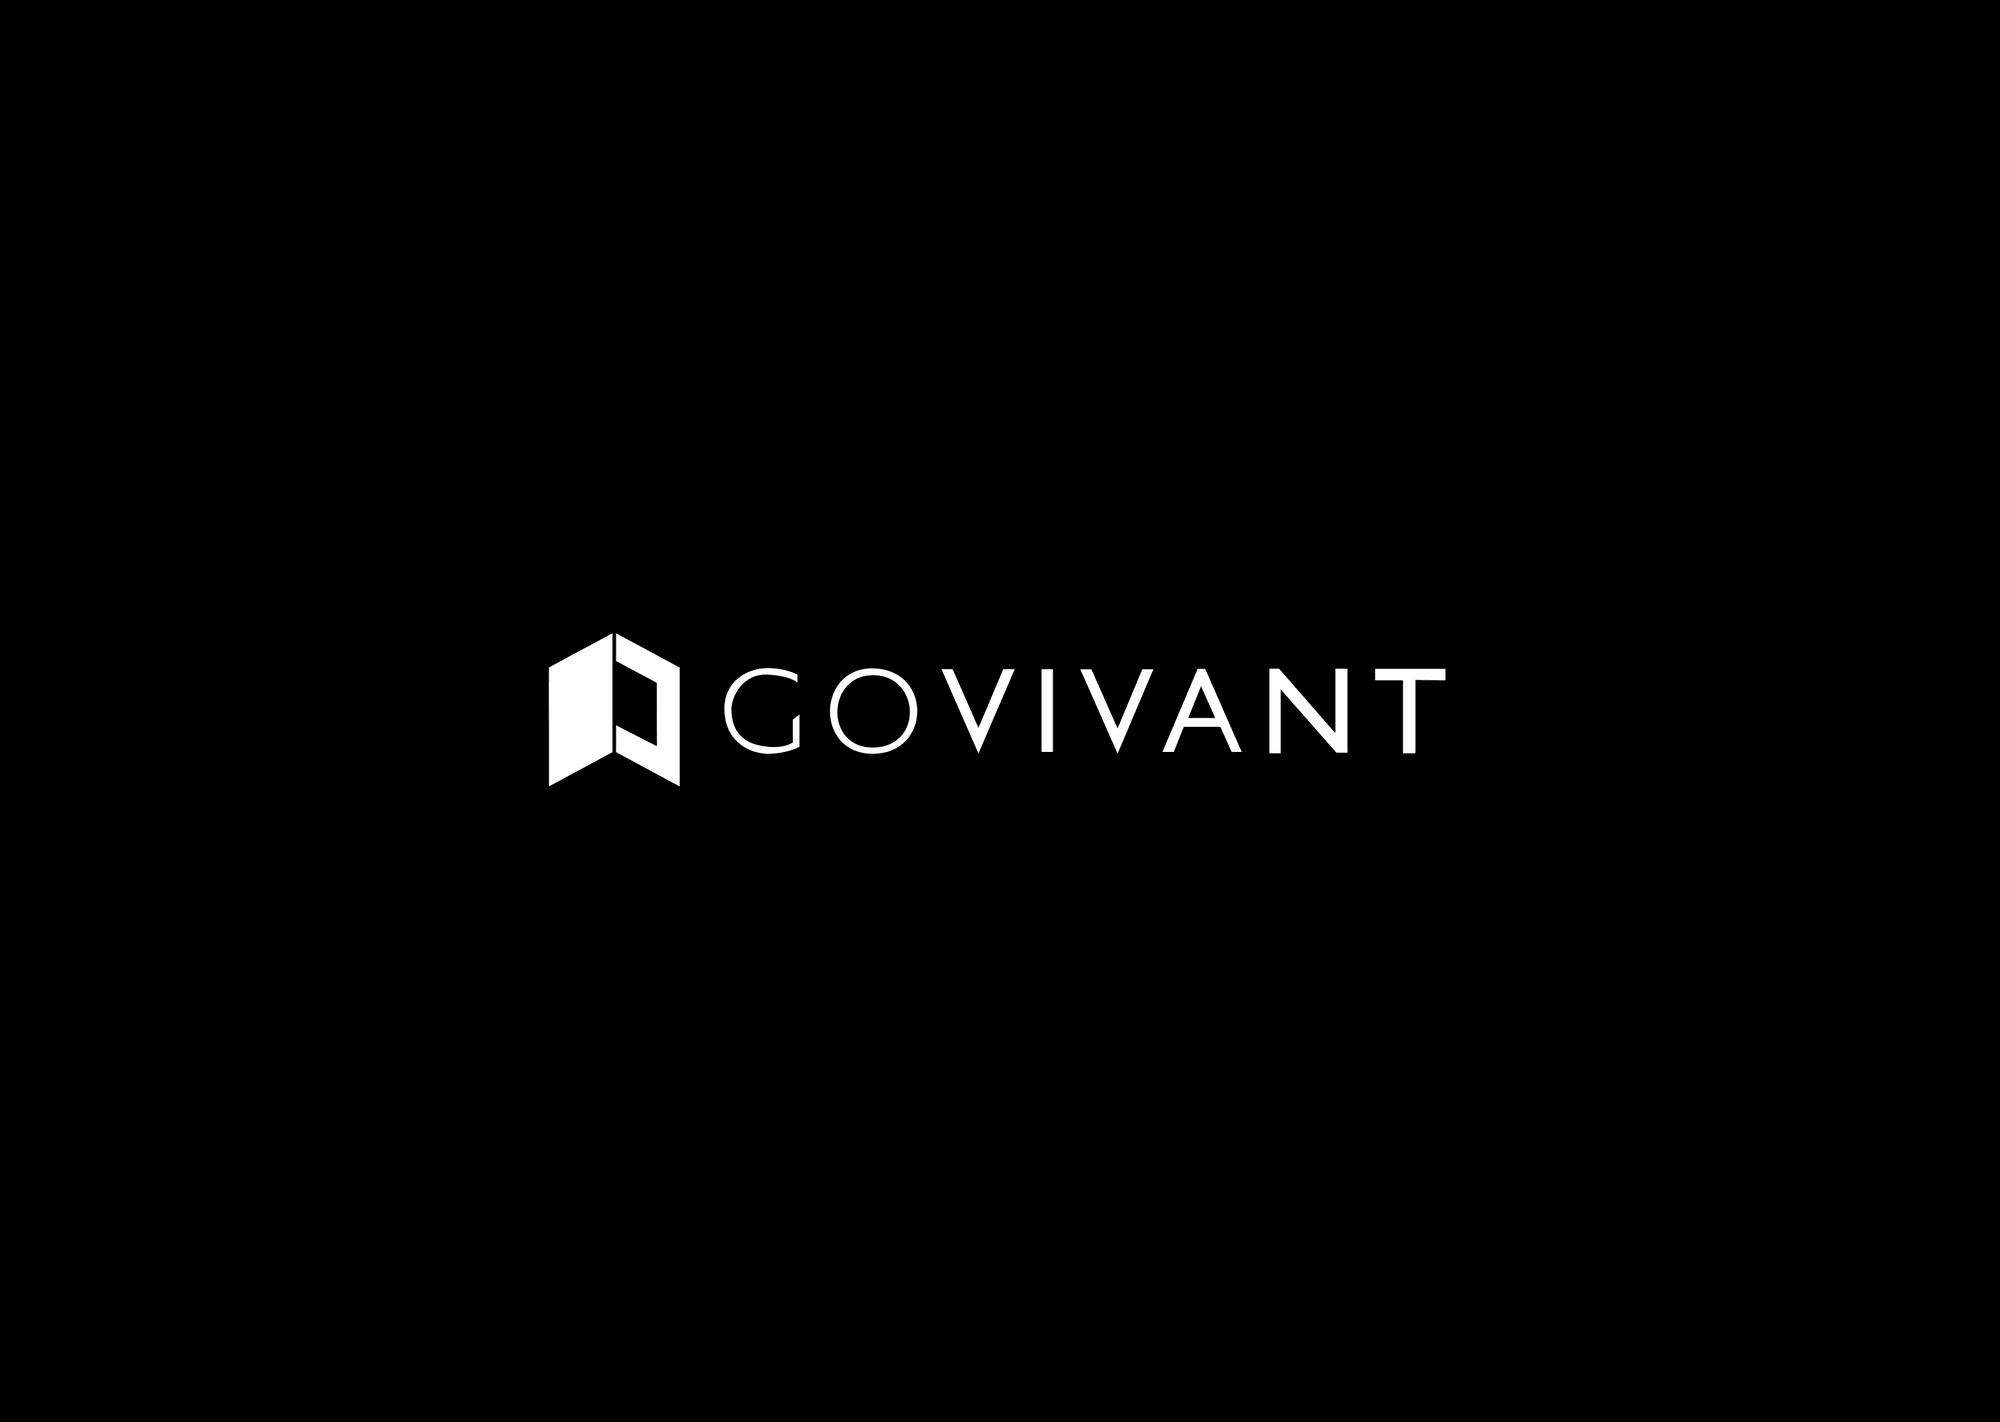 GoVivant